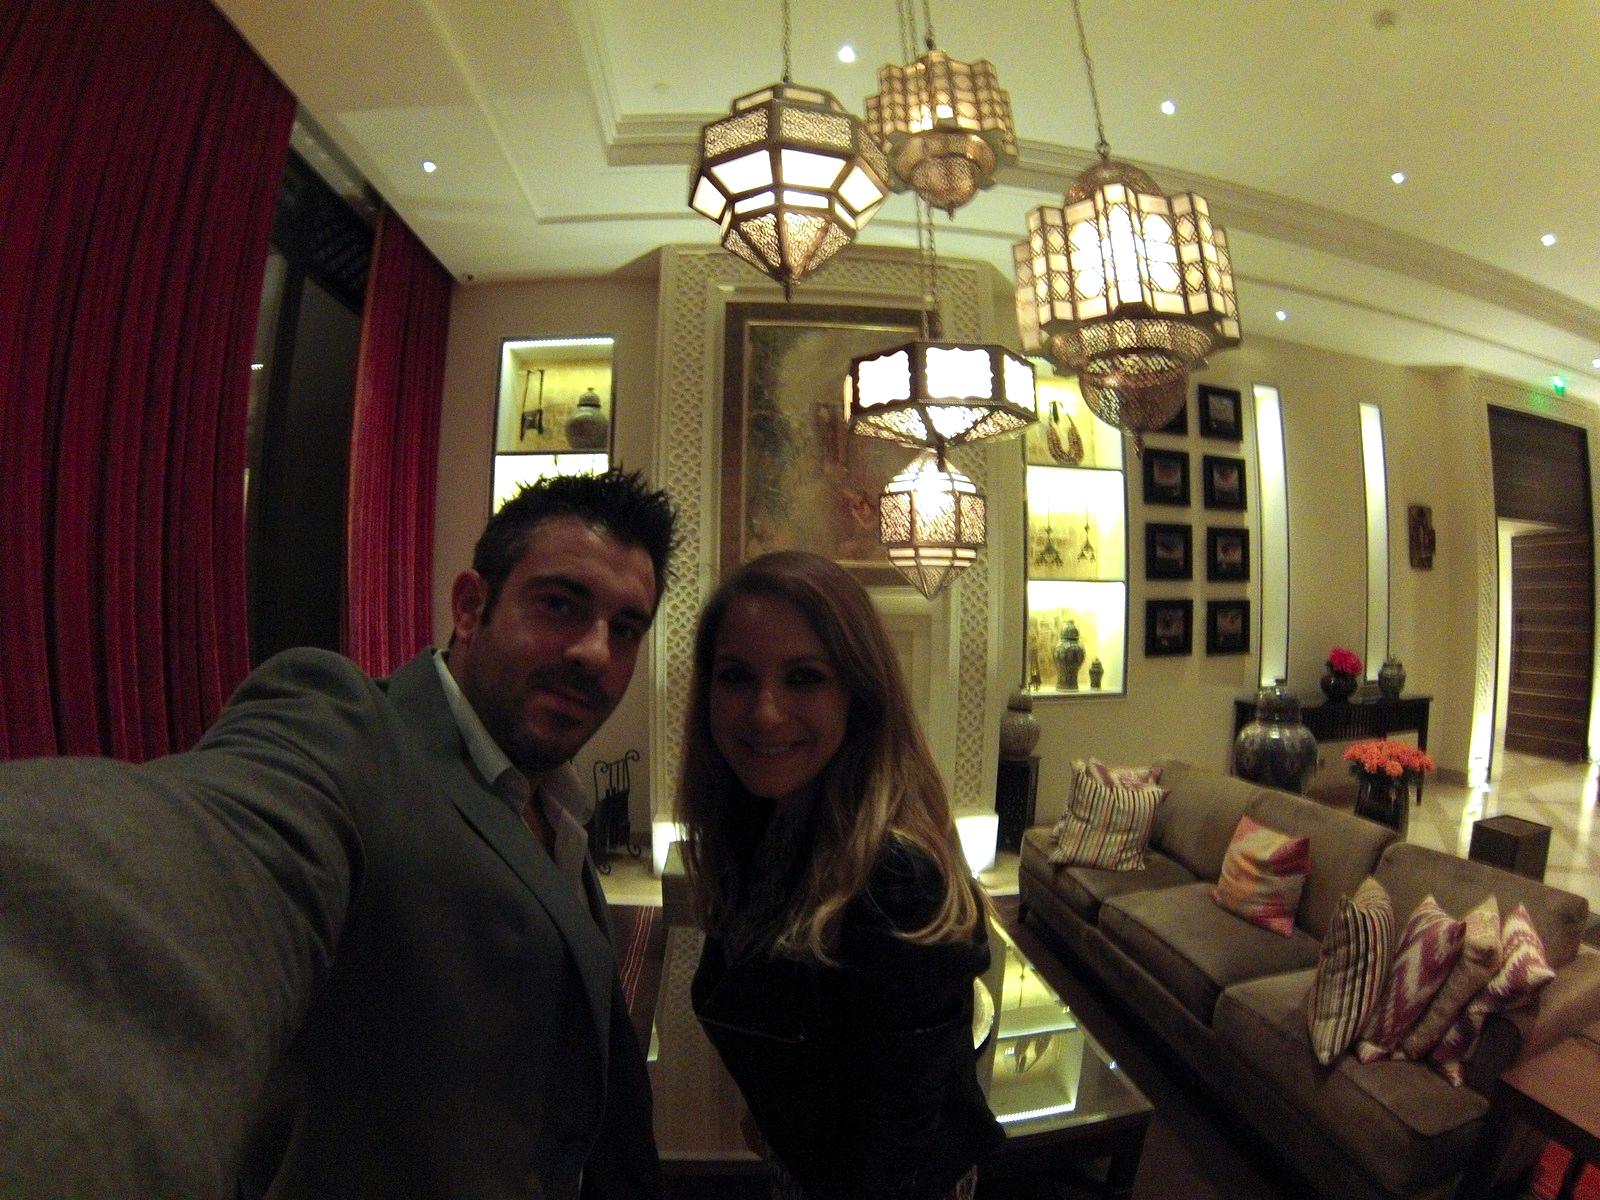 Disfrutando de los maravillosos restaurantes del hotel Four Seasons Marrakech four seasons marrakech - 15907857855 b381f1ee23 h - Four Seasons Marrakech, oasis en la ciudad roja